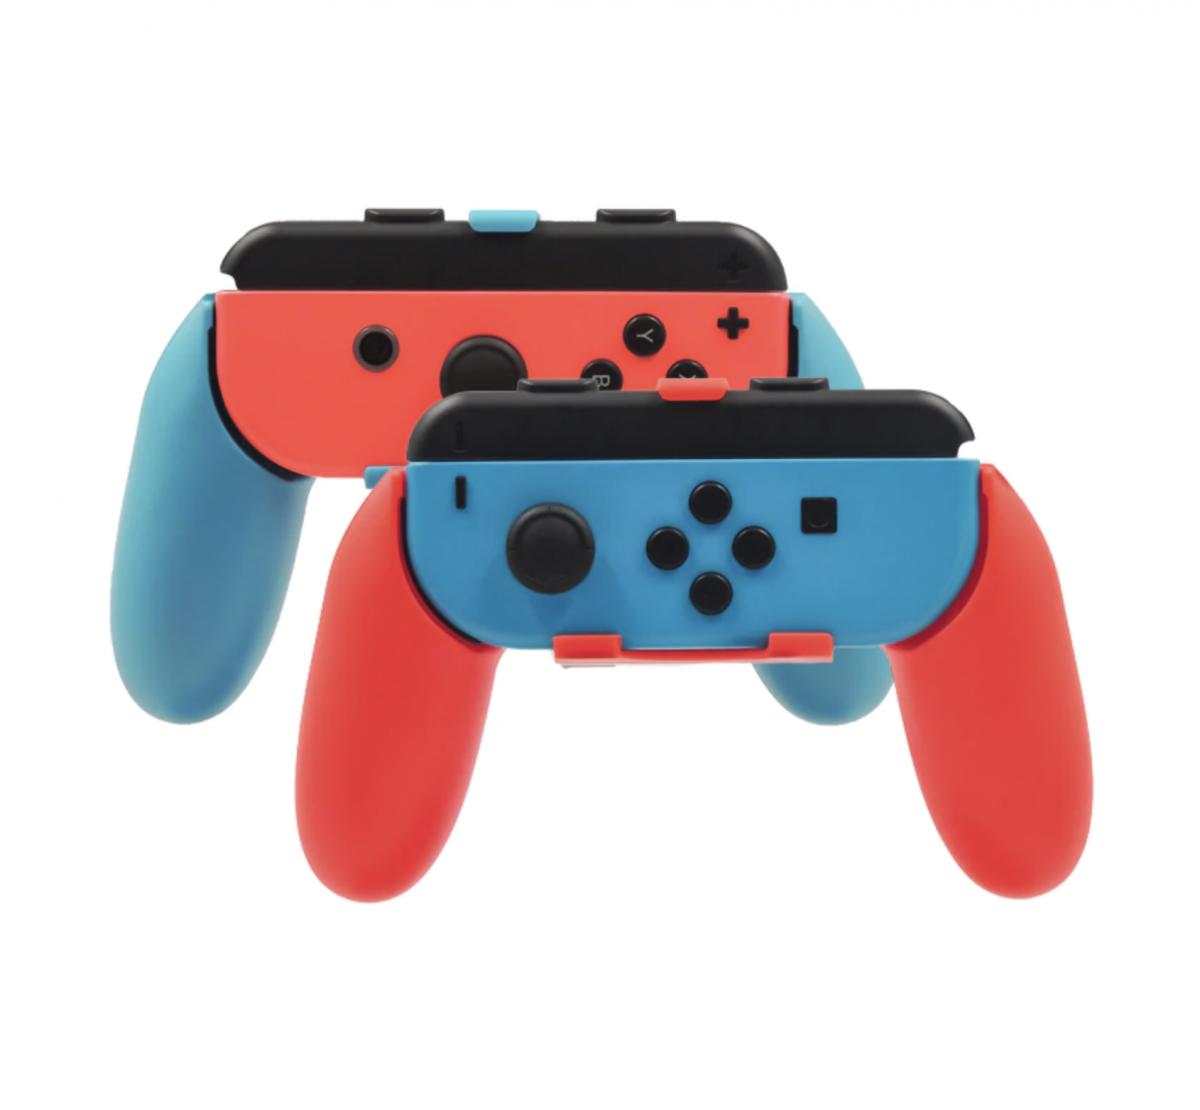 купить держатели для joy cons Nintendo